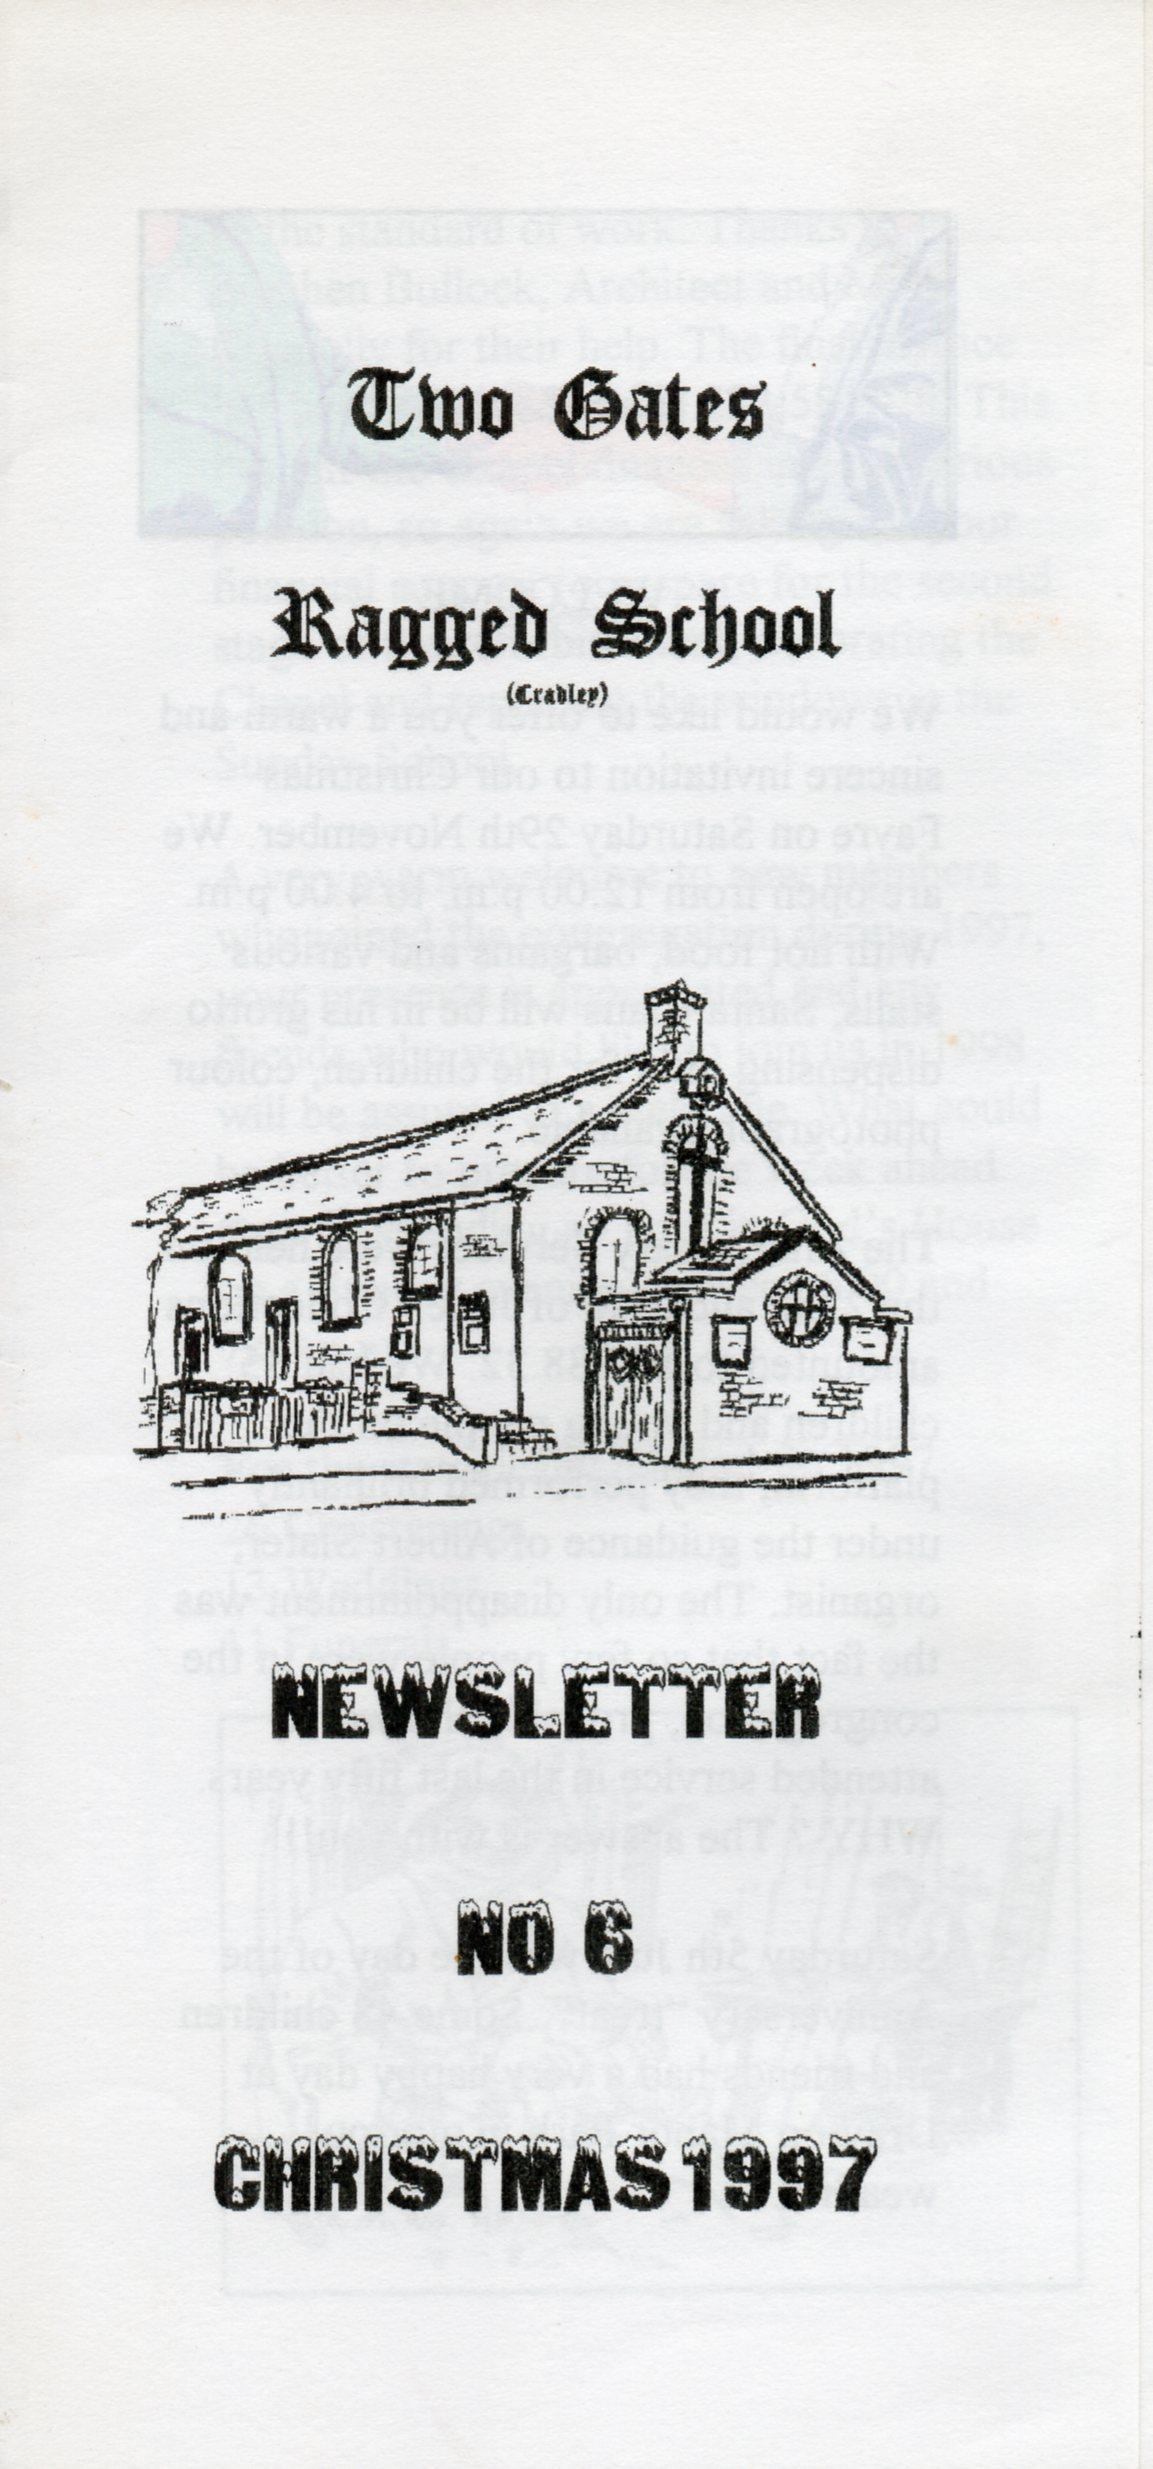 B184a Christmas 1997 [news]